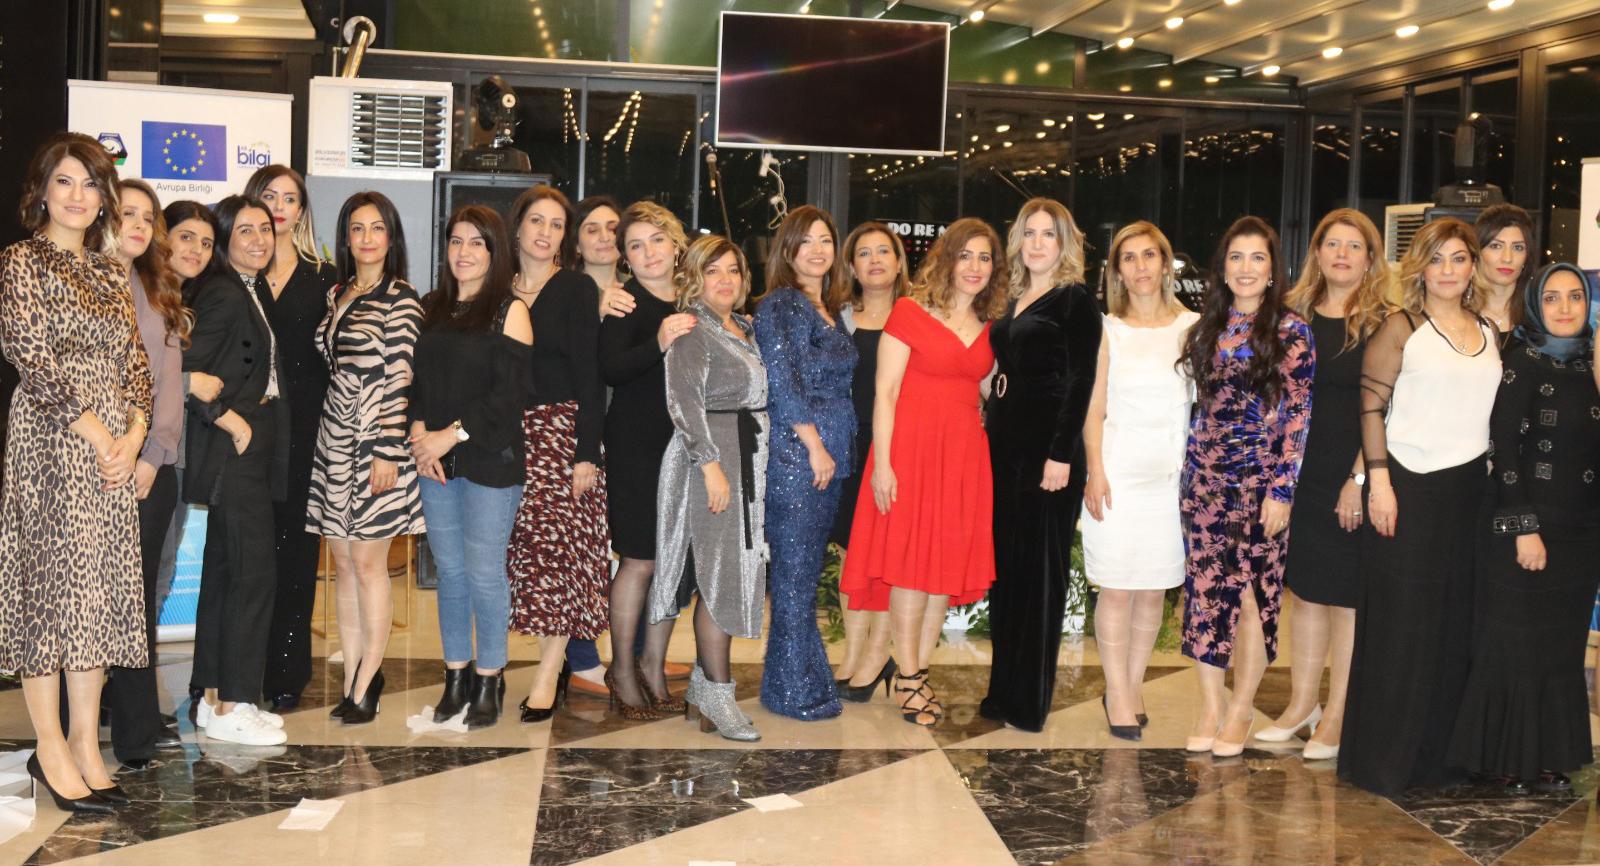 Kadın Meclisi Sözcüsü Vural: Kadınlar toplumsal barışın sağlanmasında öncü olacak